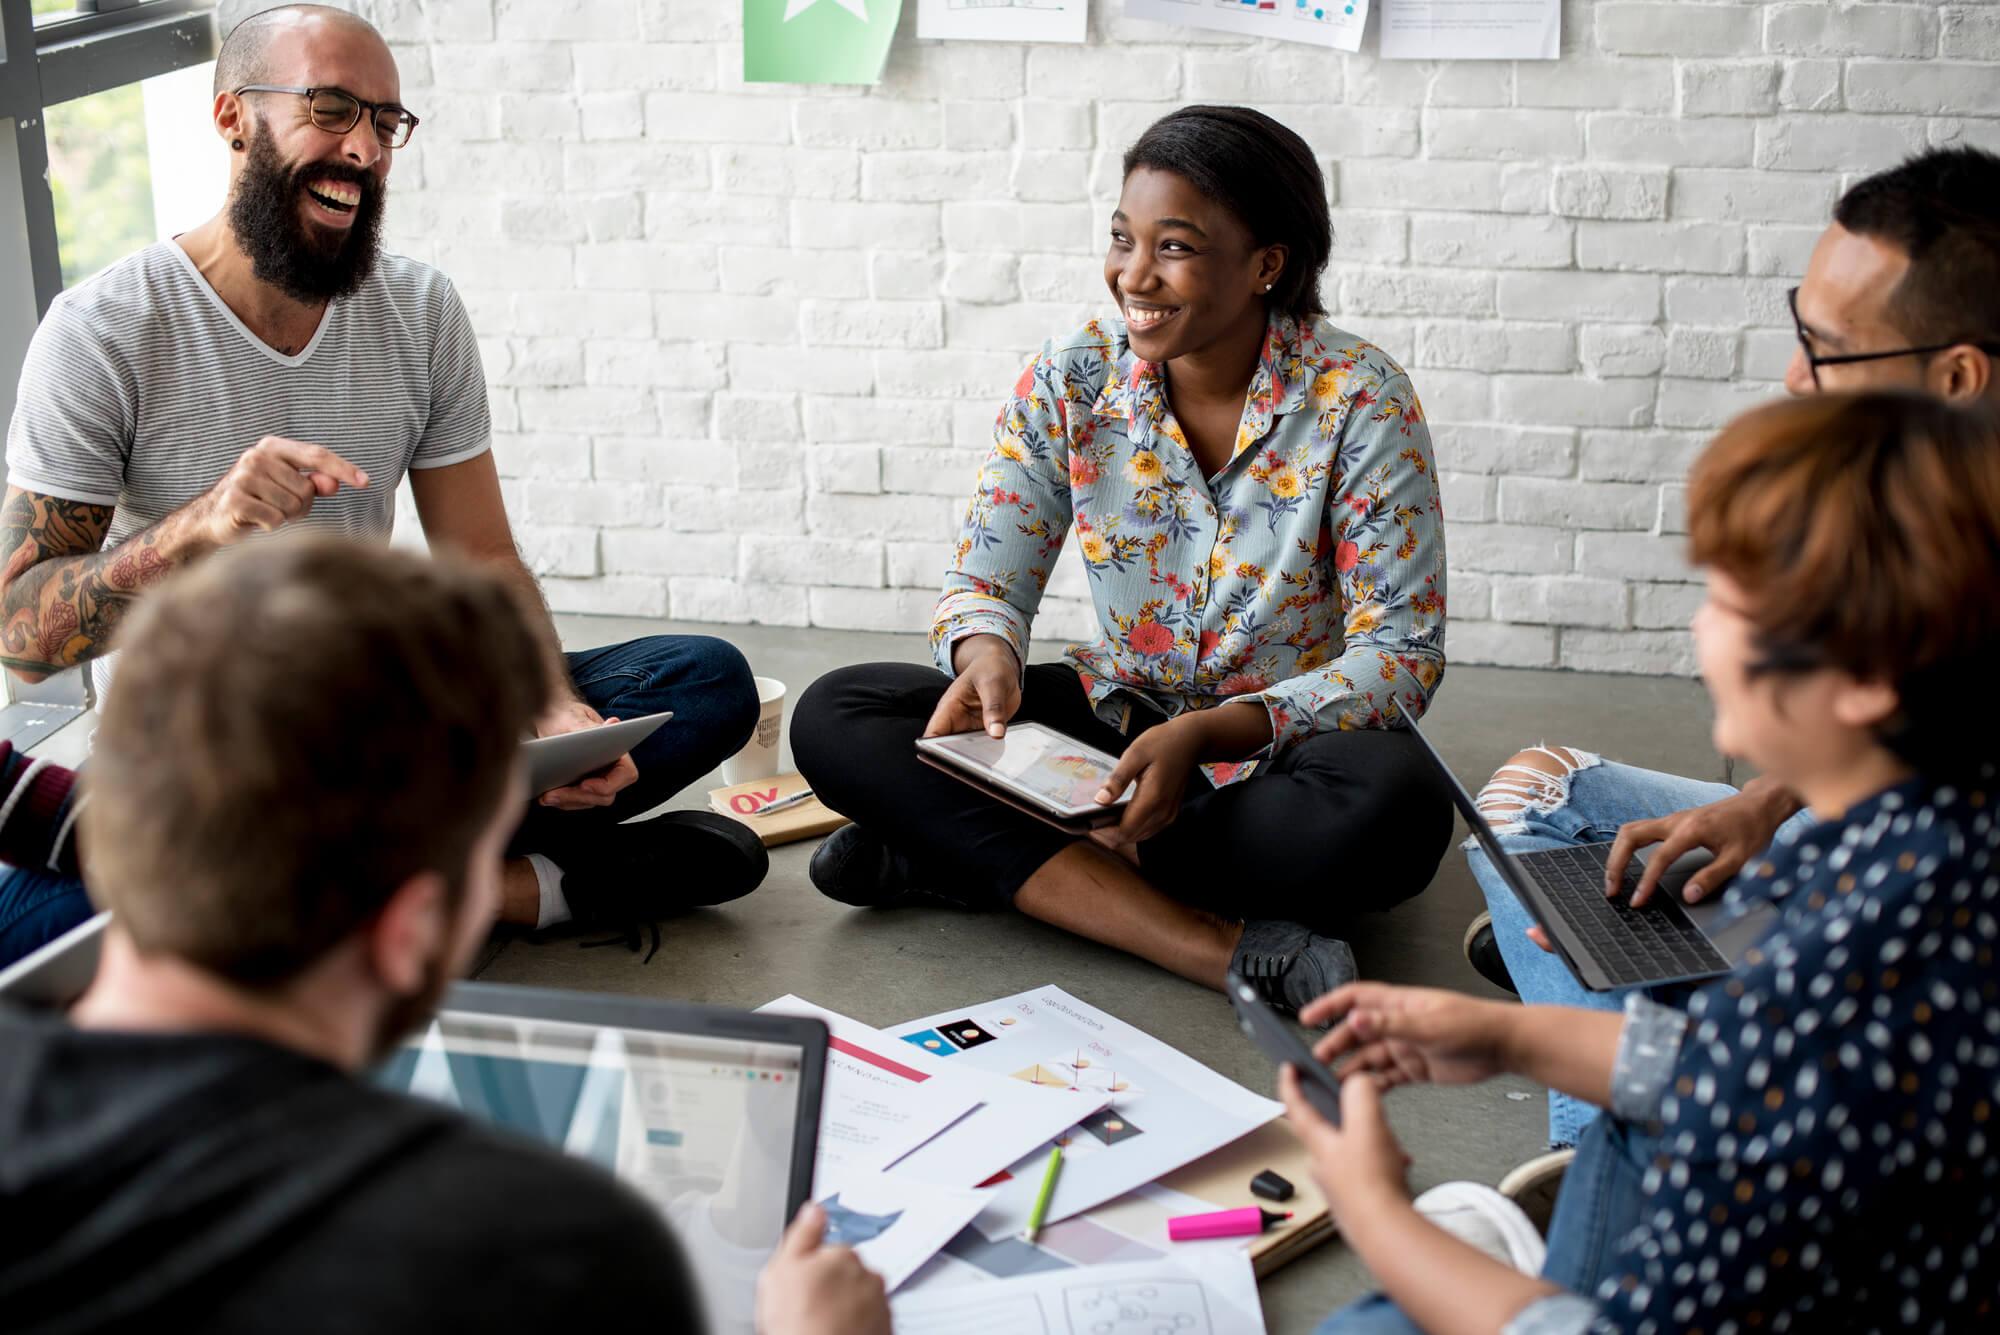 Cultura da inovação: especialista conta o que é preciso para gerar nas empresas